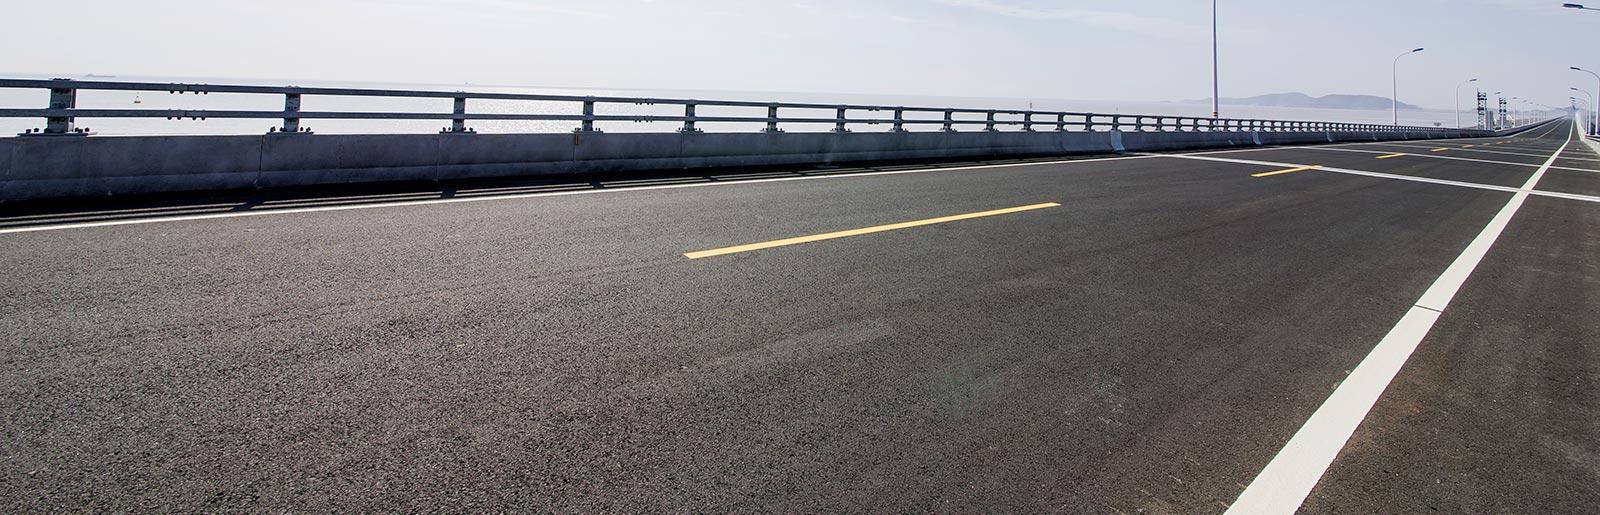 tableros-puente-y-juntas-de-tableros-puente-cabecera